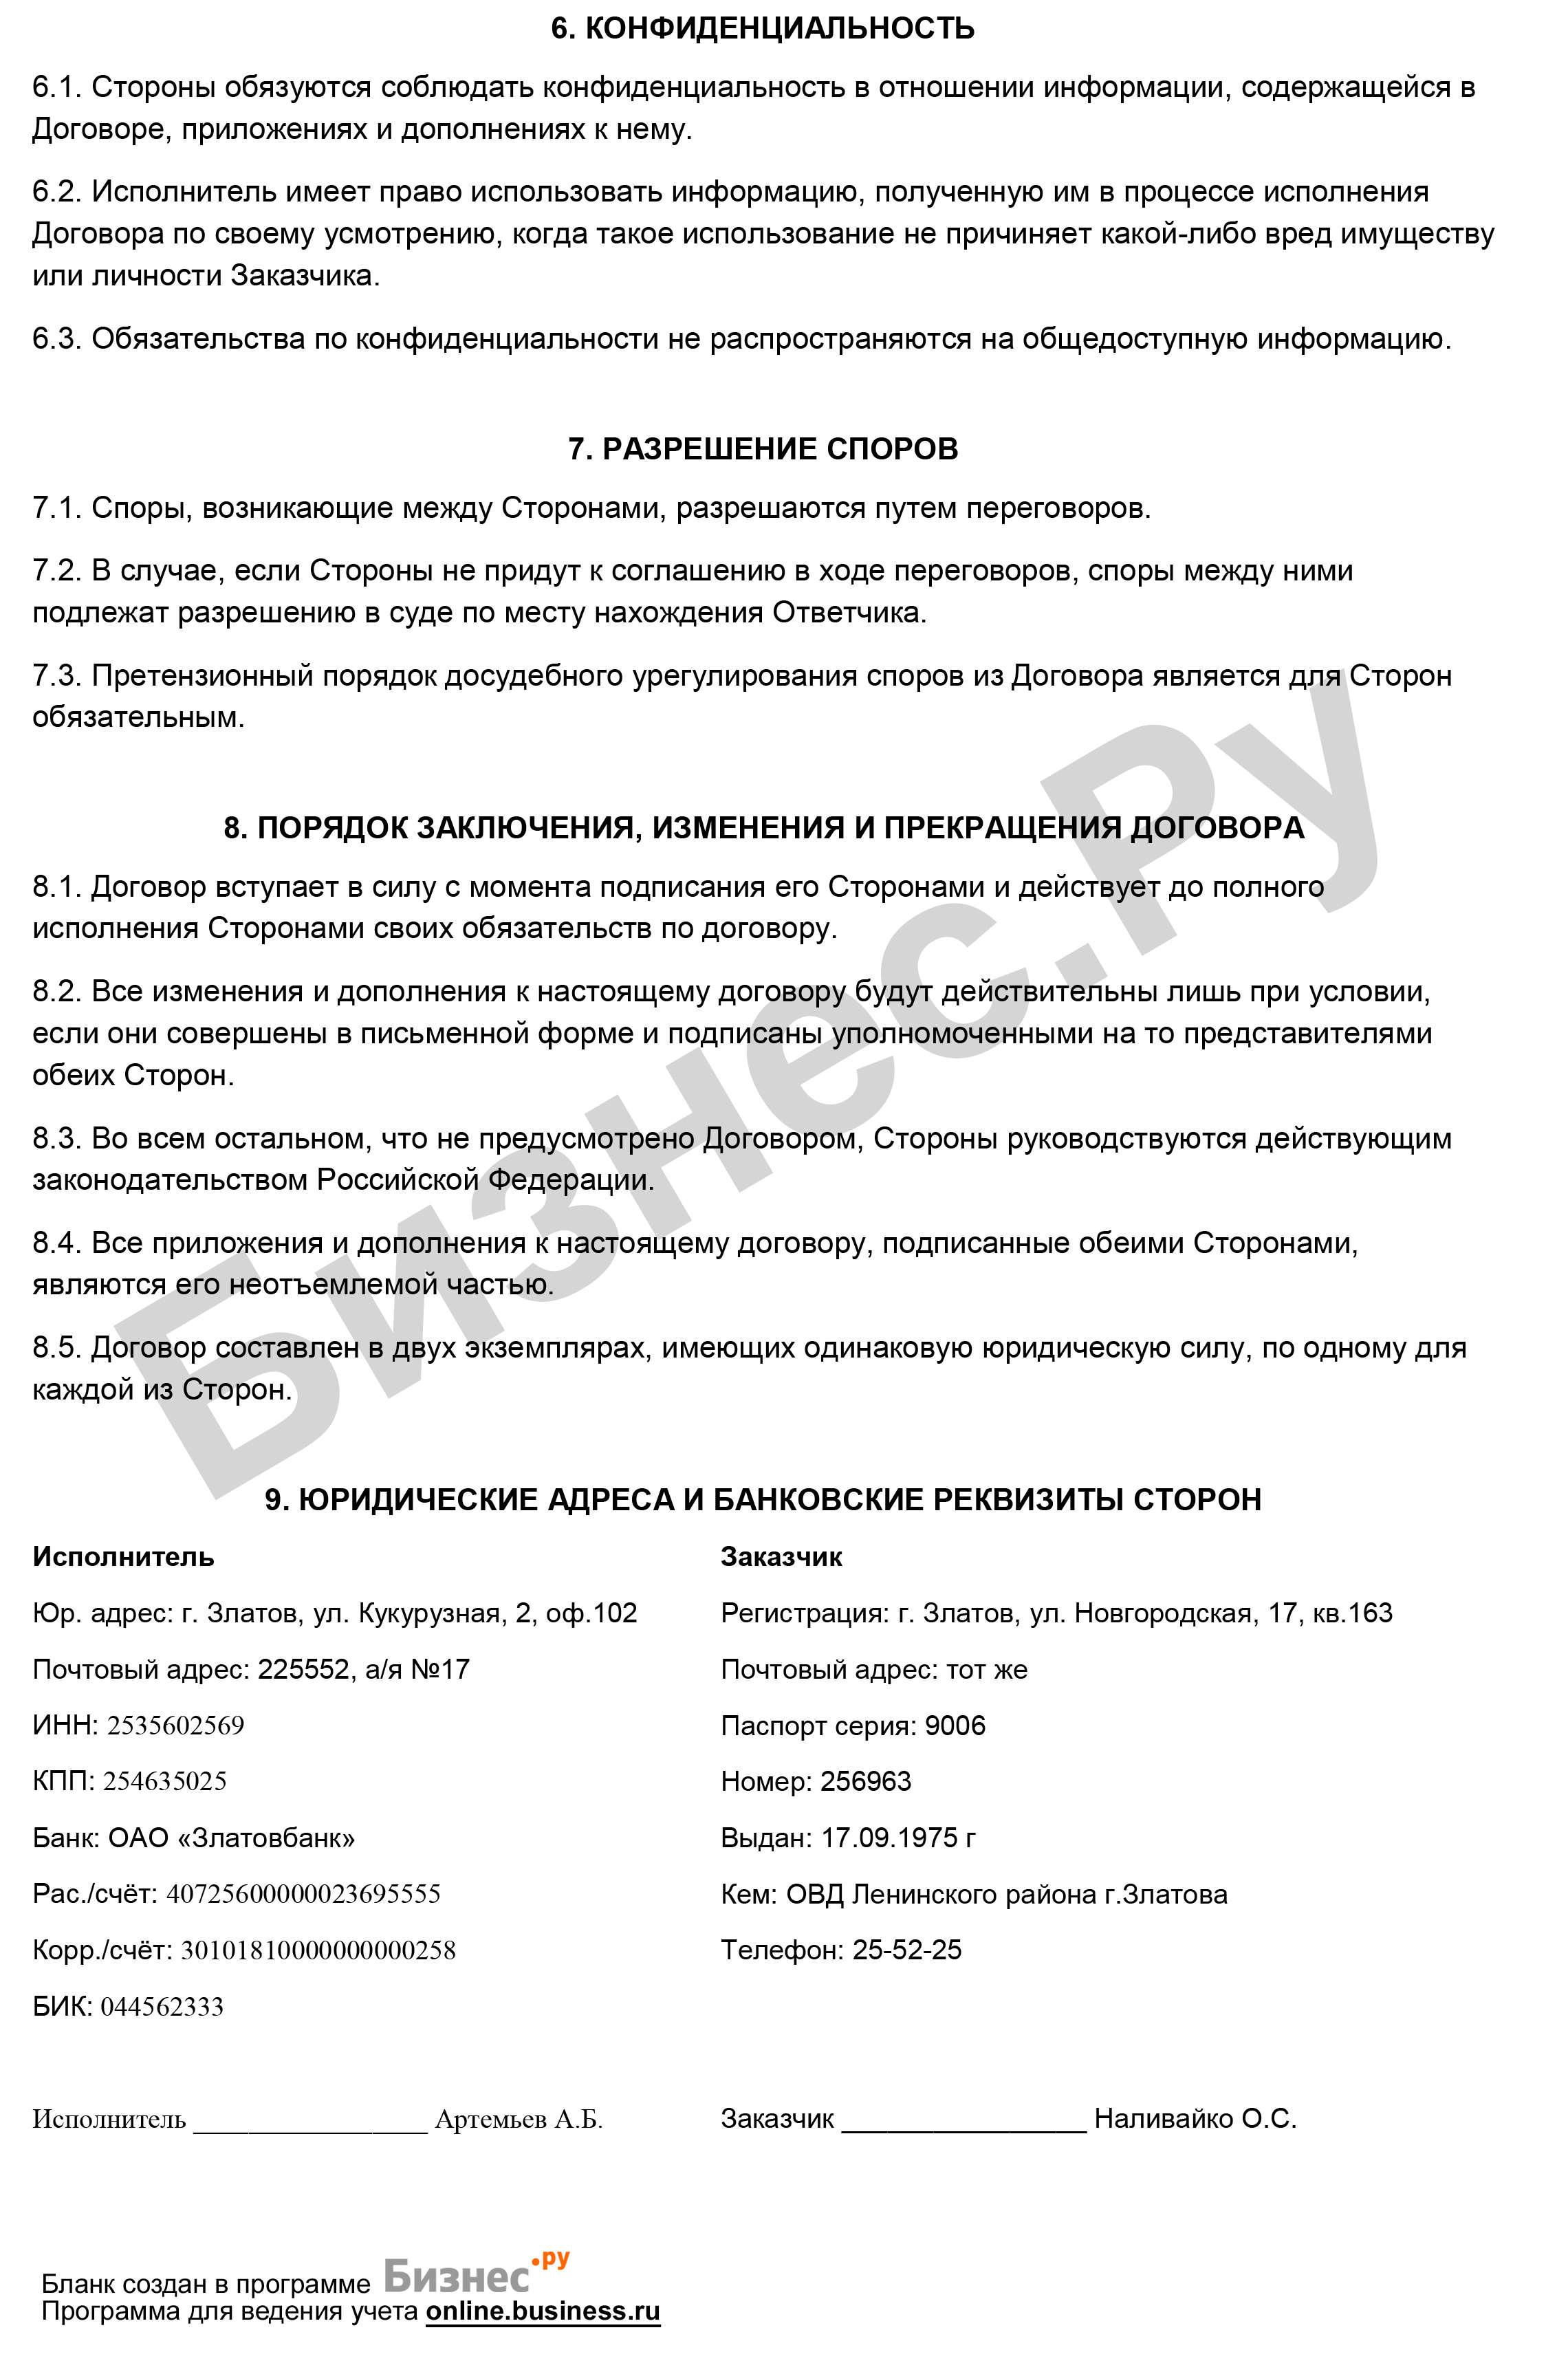 Договор на юридические услуги между физическими лицами